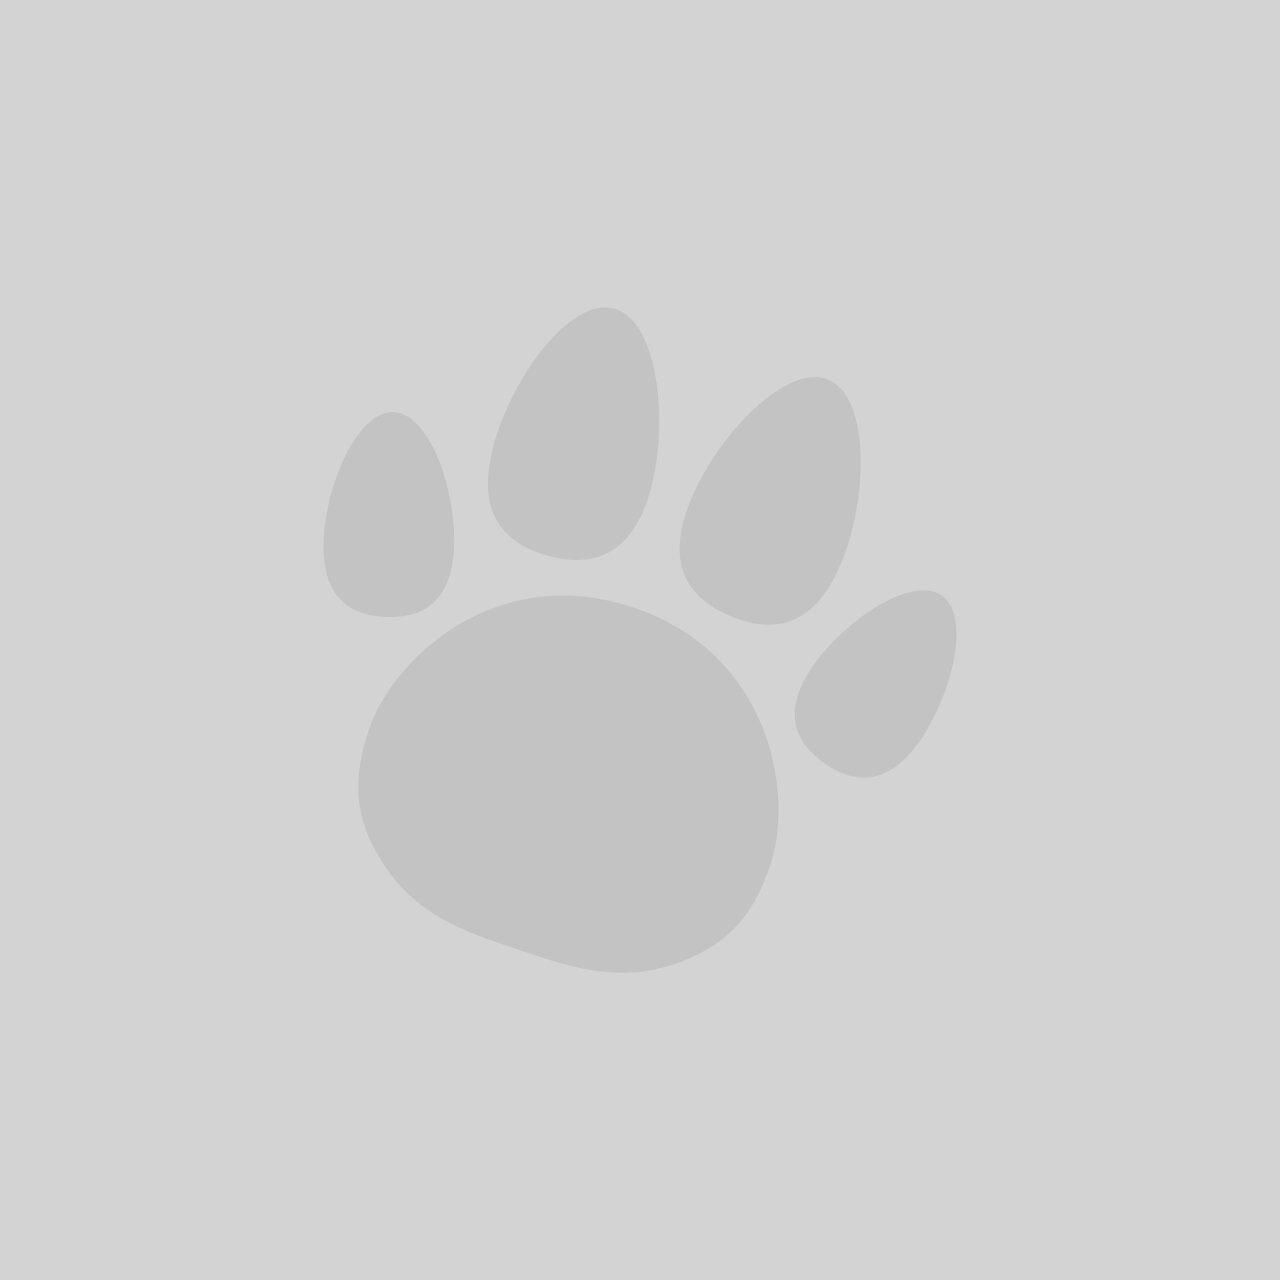 Rufus & Rosie Stainless Steel Bowl Orange 940ml